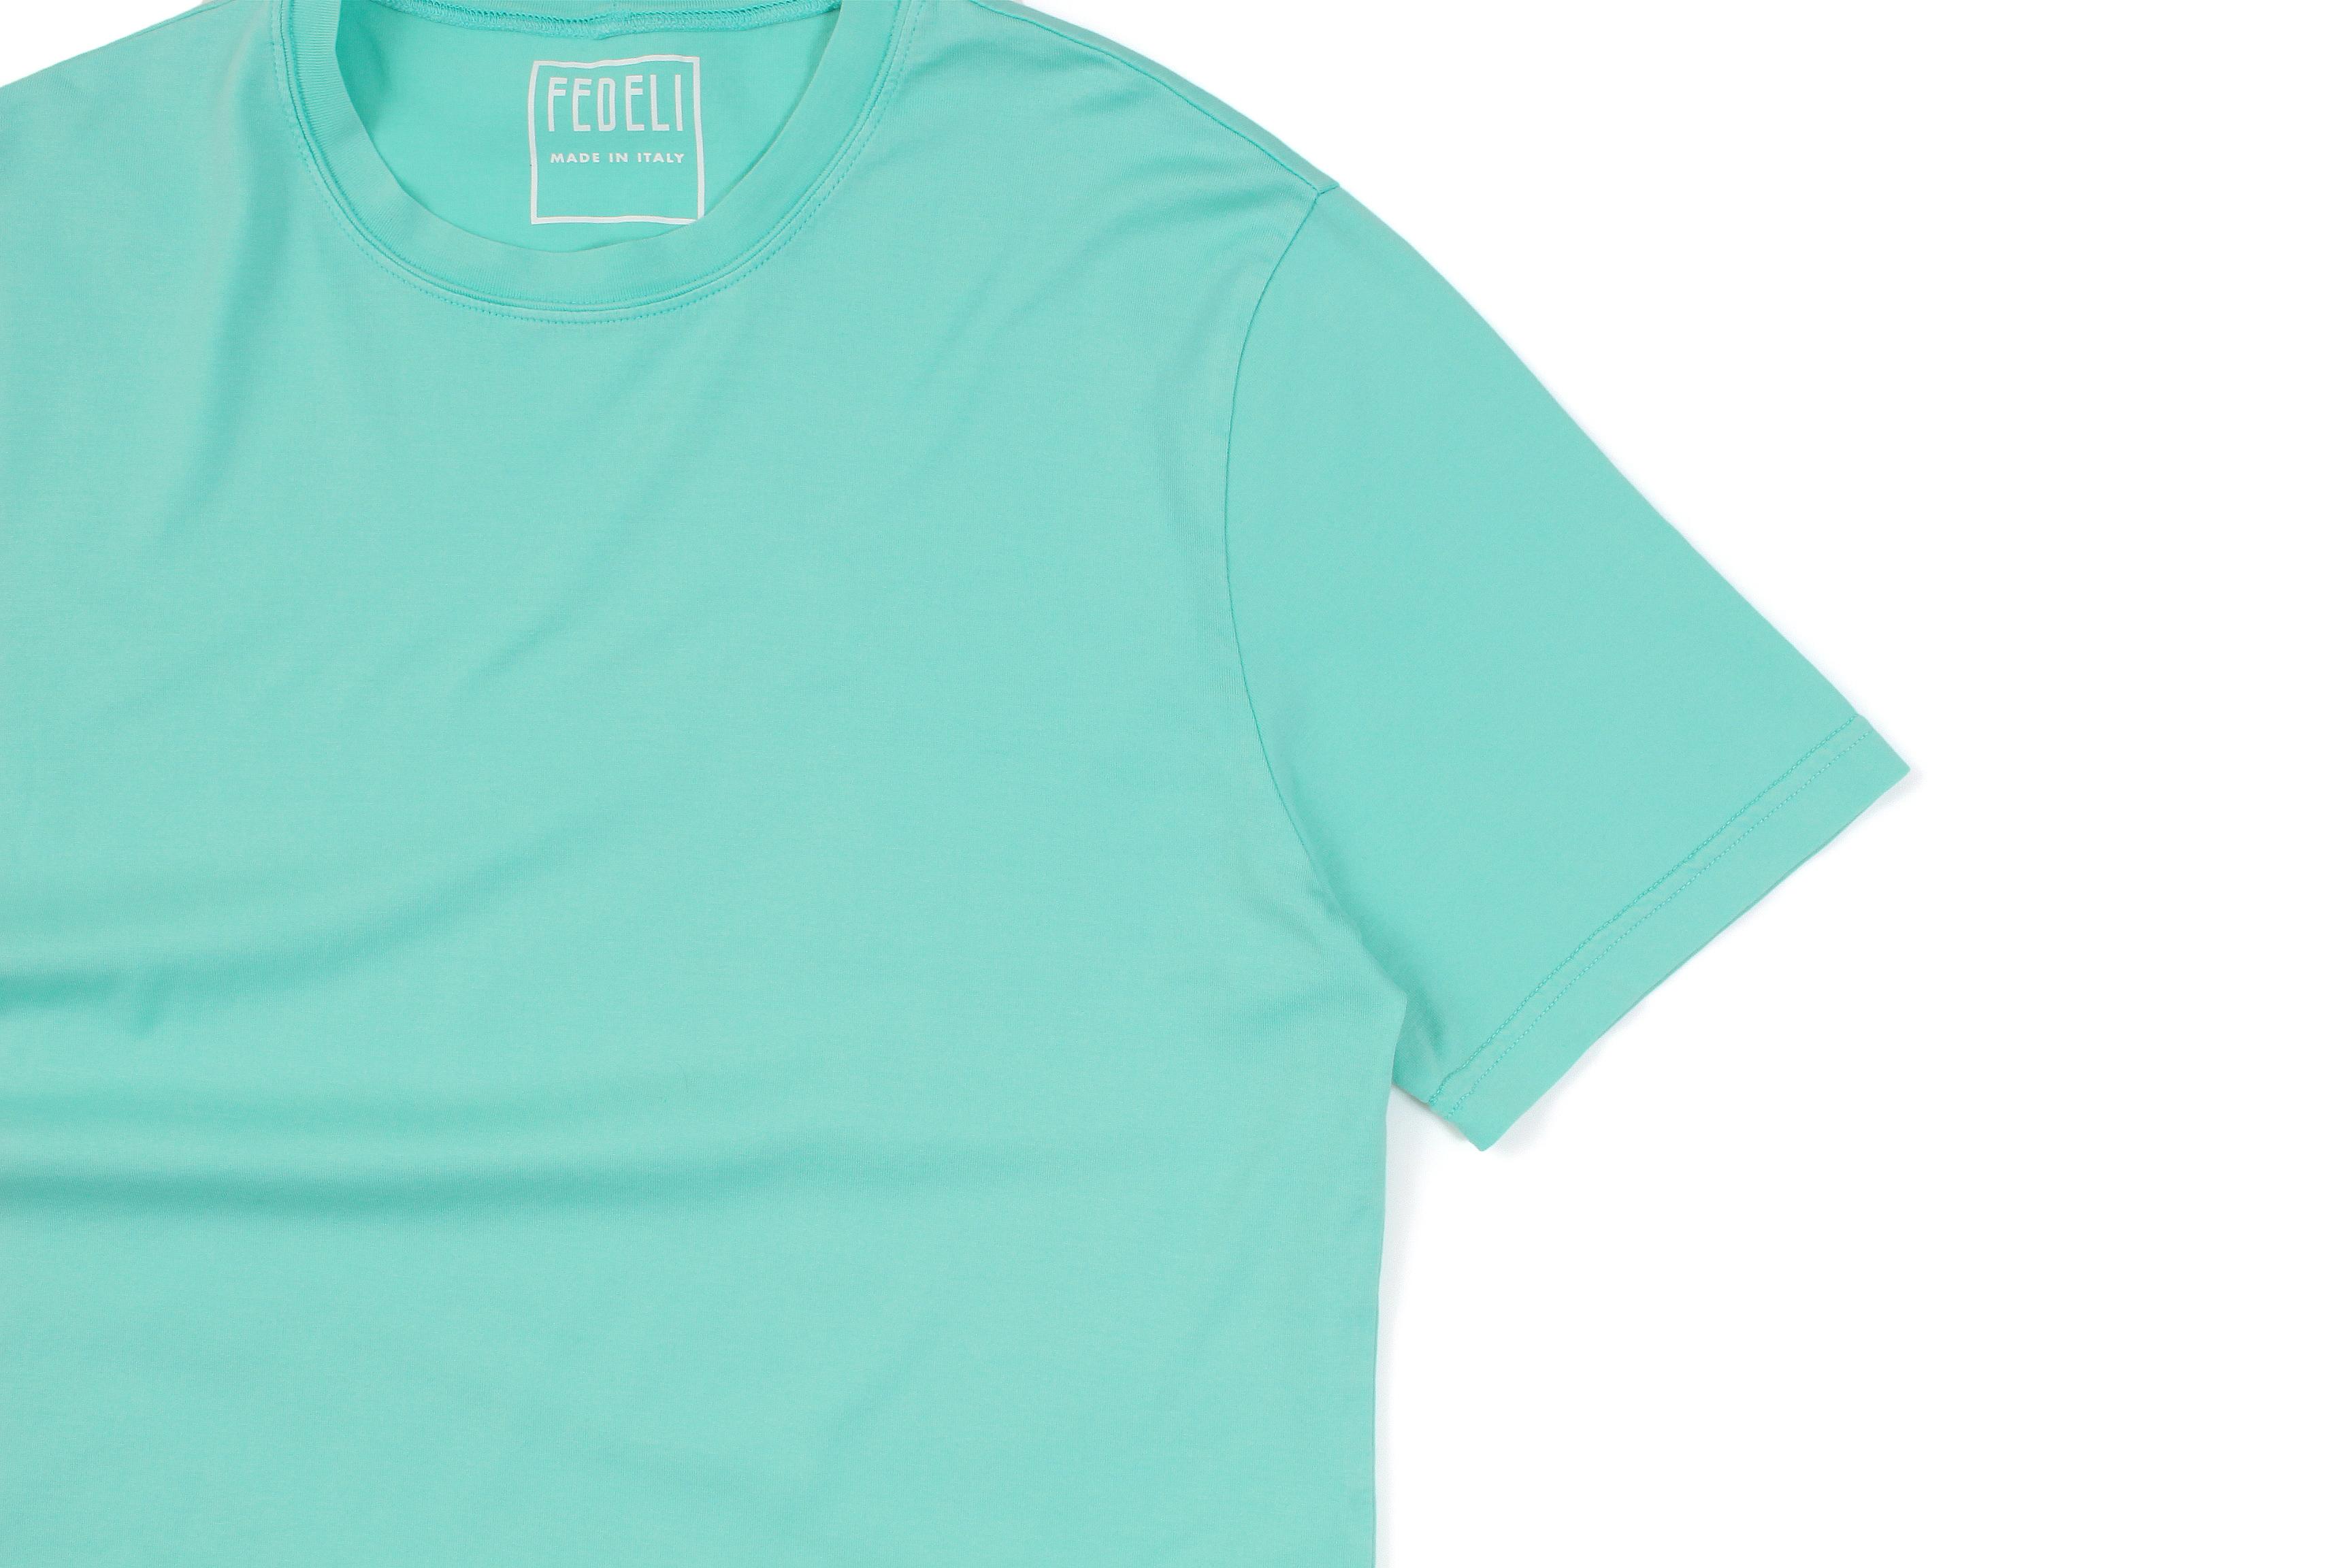 FEDELI(フェデーリ) Crew Neck T-shirt (クルーネック Tシャツ) ギザコットン Tシャツ TIFFANY (ティファニーブルー・66) made in italy (イタリア製) 2021 春夏 【Special Color】【ご予約開始】愛知 名古屋 altoediritto アルトエデリット スペシャルモデル TEE 半袖Tシャツ